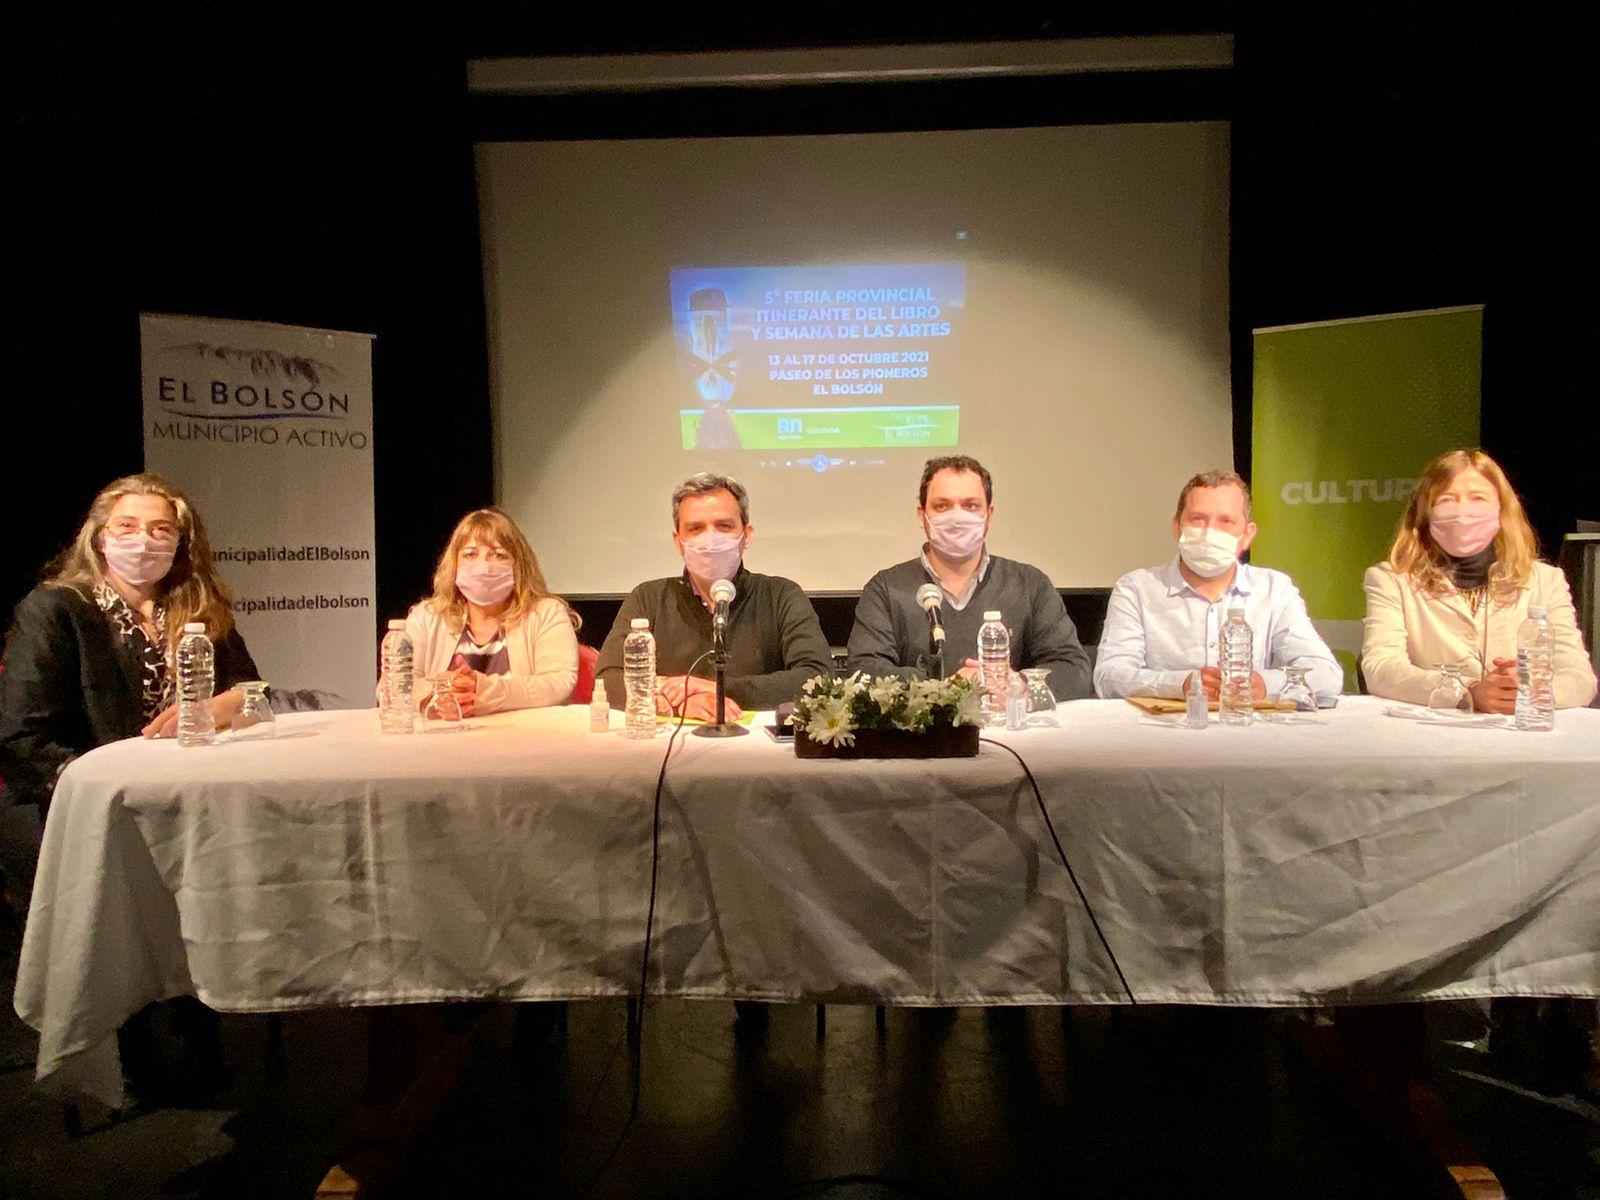 El Bolsón: Lanza la 5° Feria Provincial Itinerante del Libro y Semana de las Artes